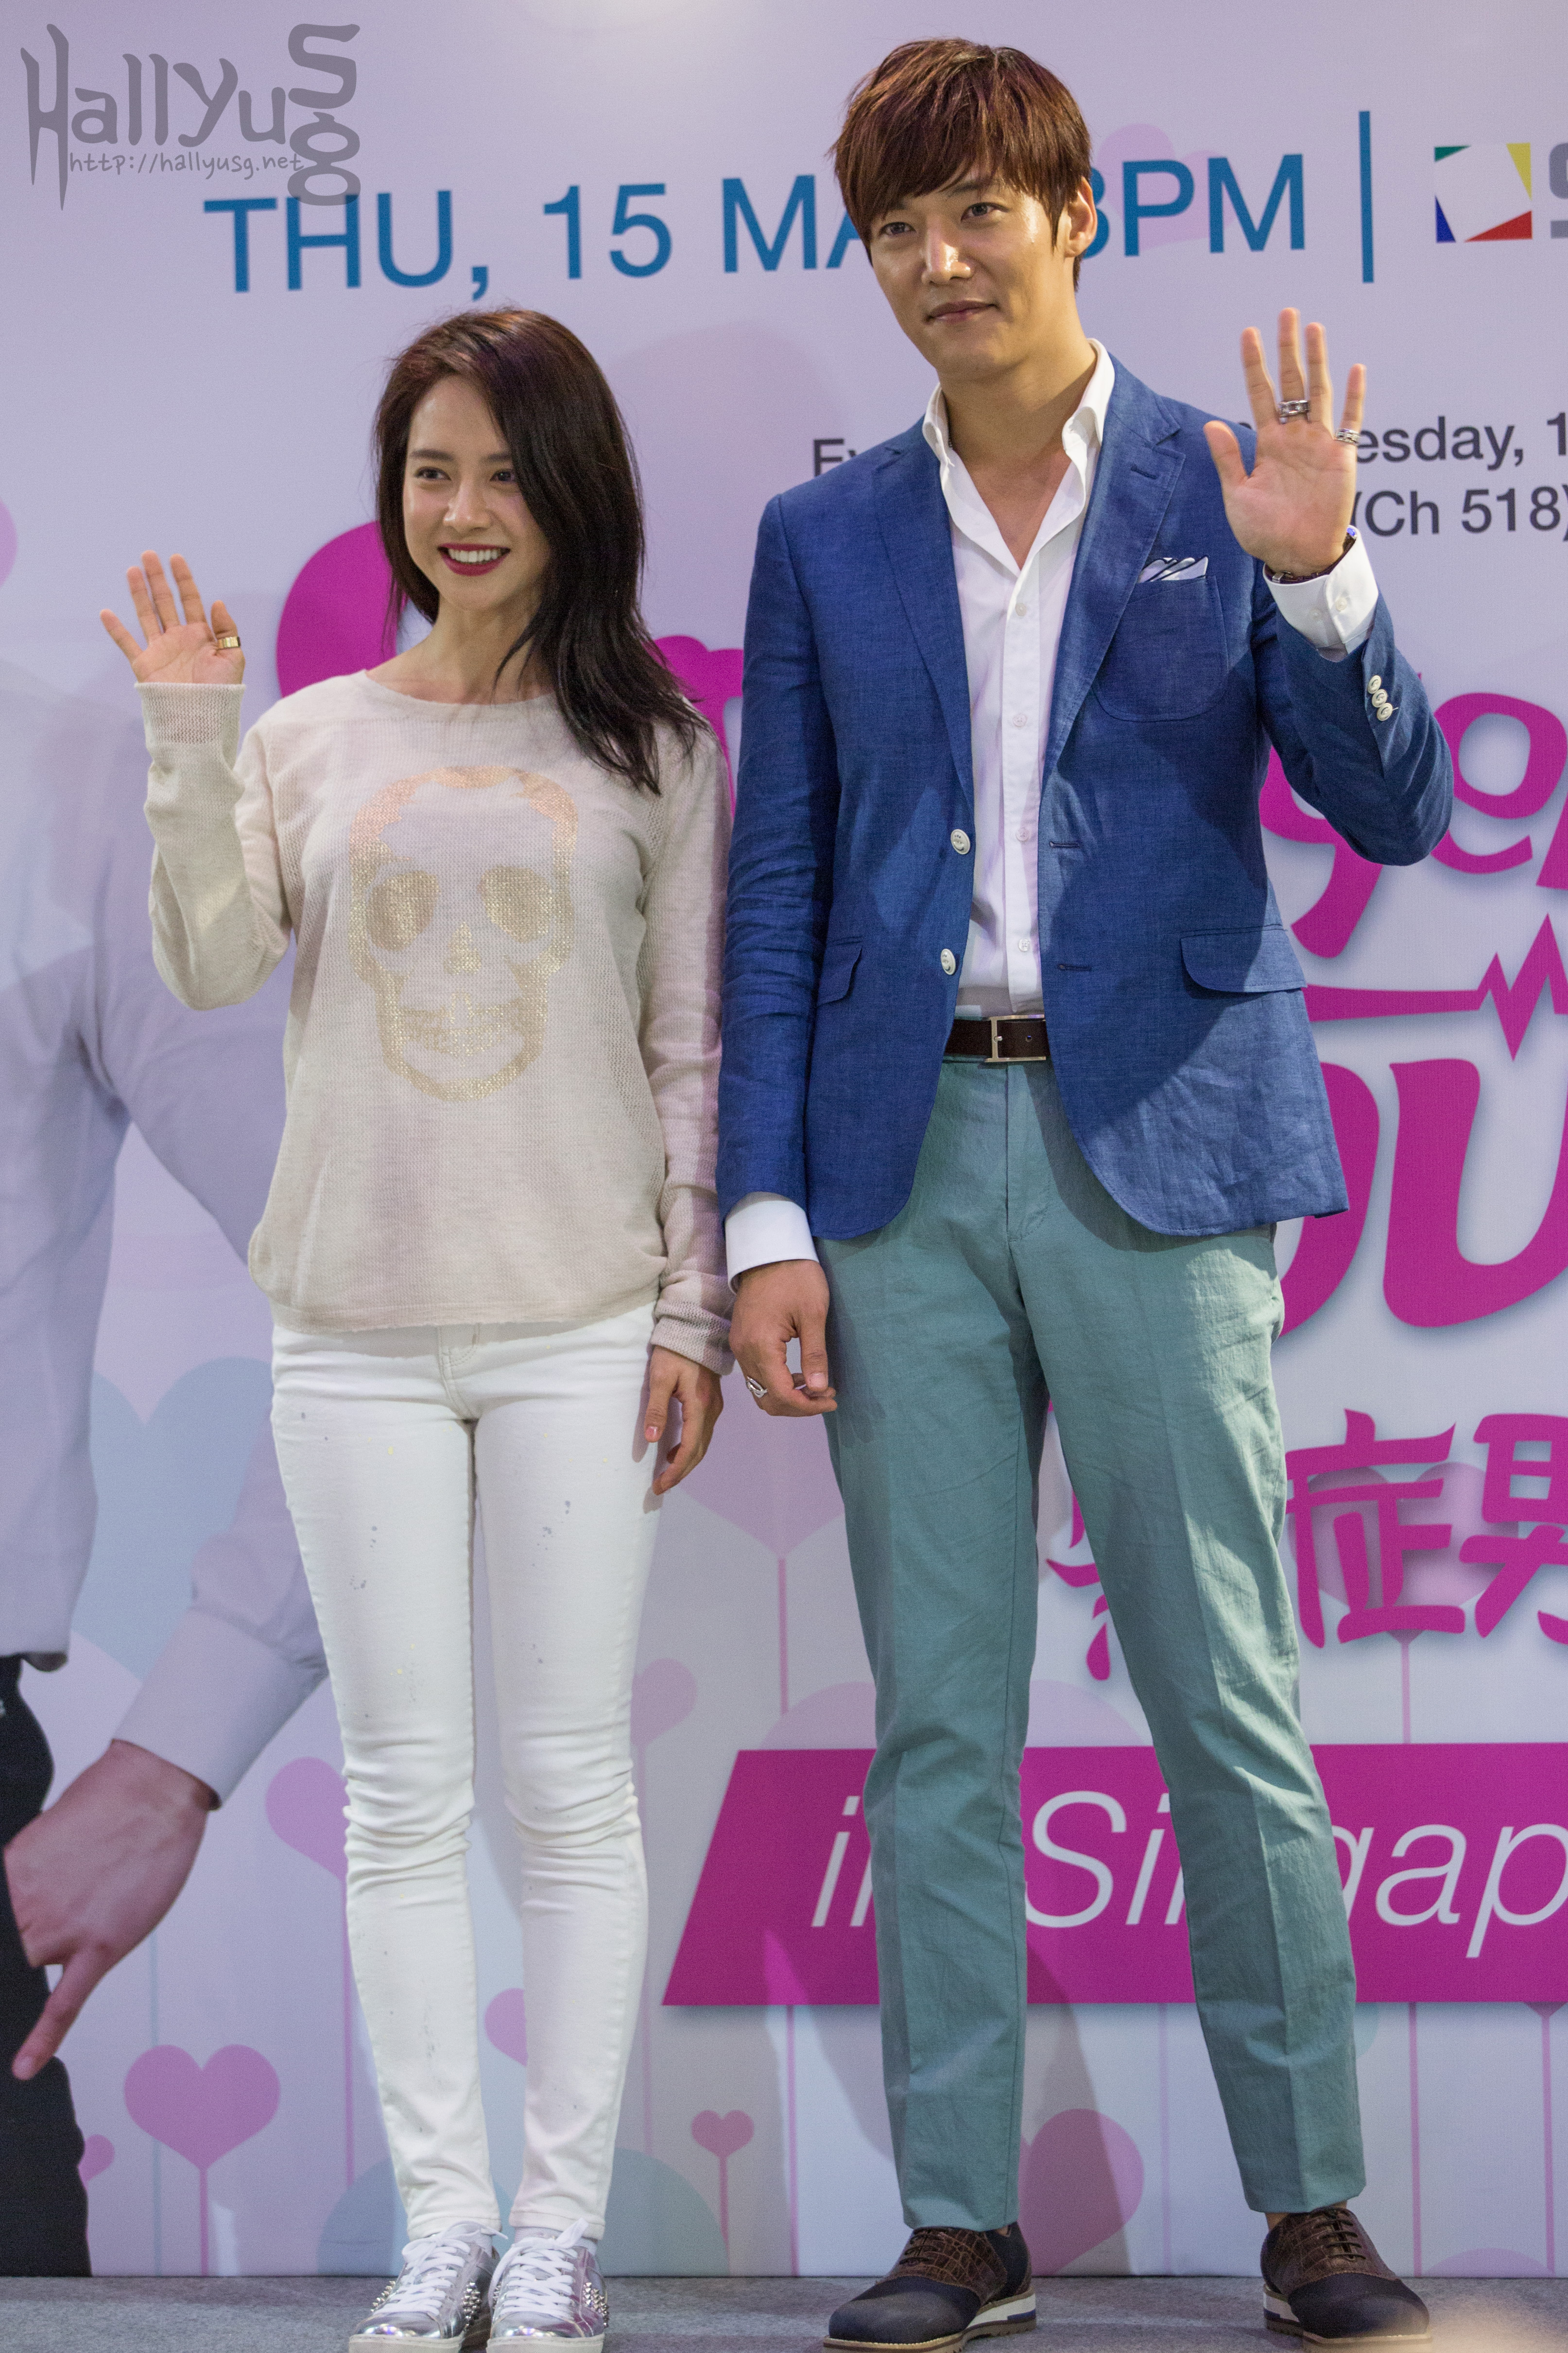 Song ji hyo dating choi jin hyuk running